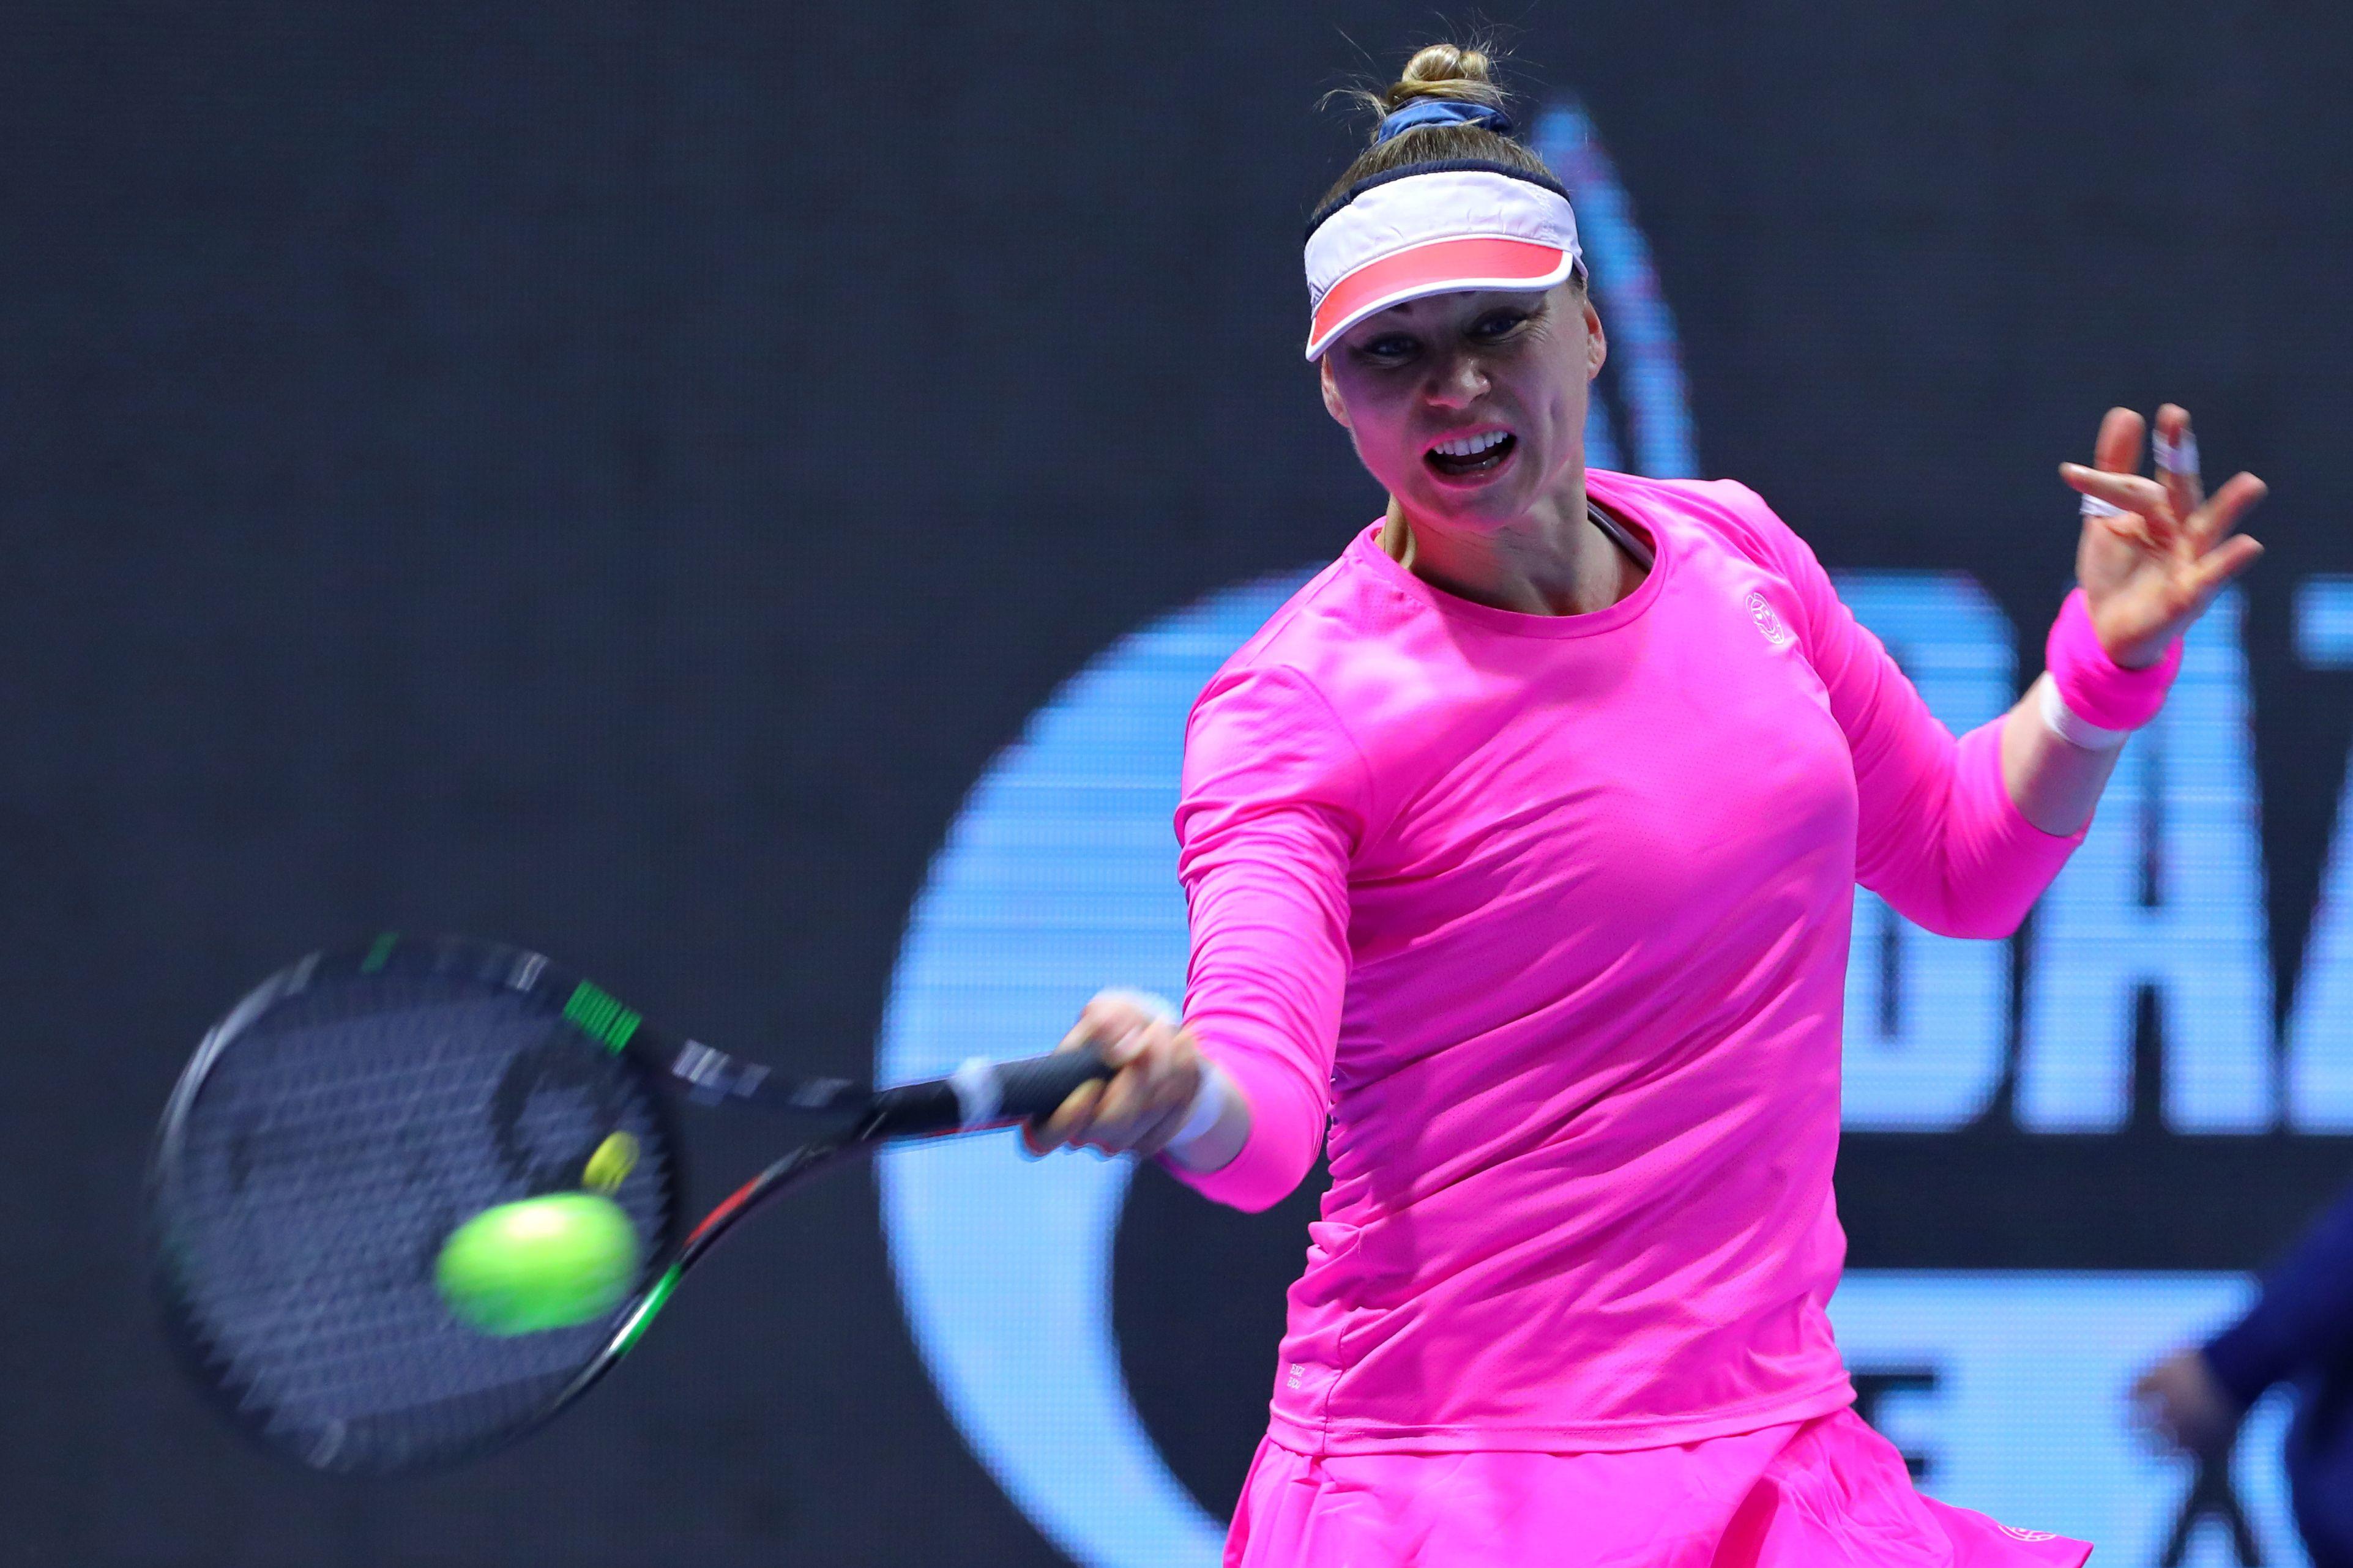 Звонарёва прокомментировала удачный старт на турнире в Санкт-Петербурге